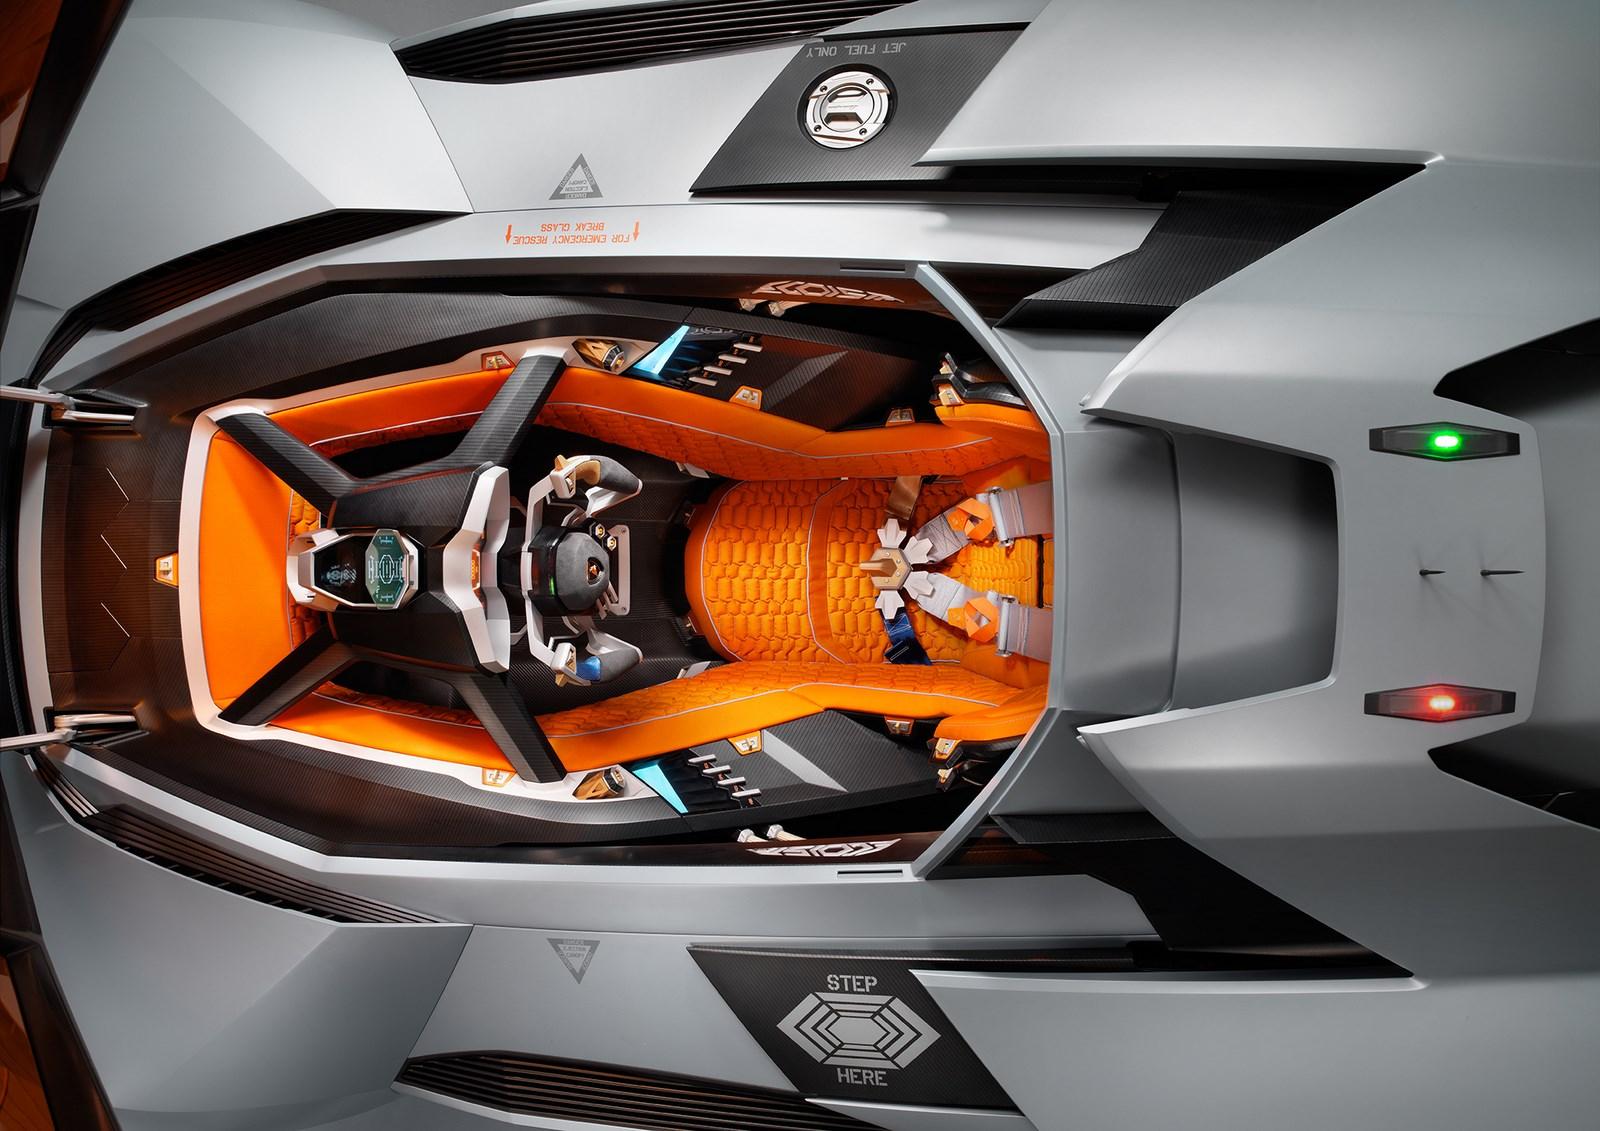 Lamborghini egoista  tecnología futurista y avanzada